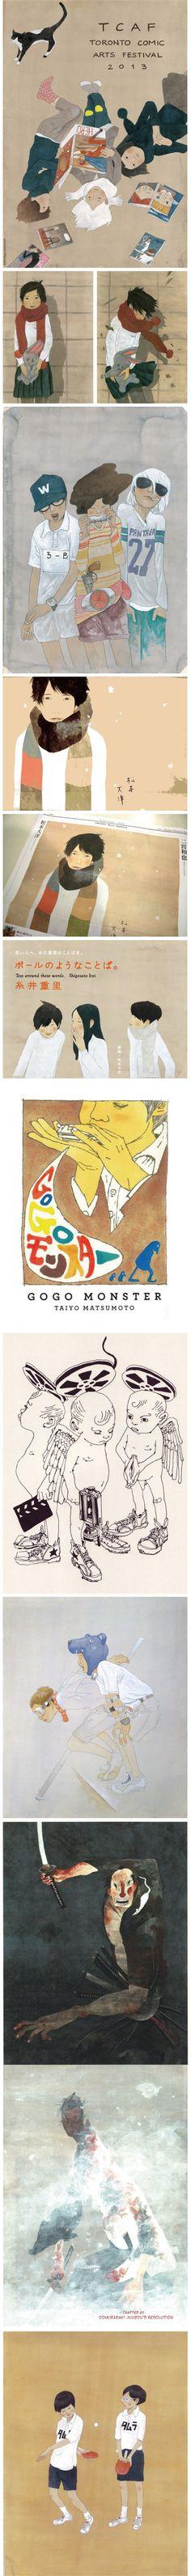 Taiyou Matsumoto <3